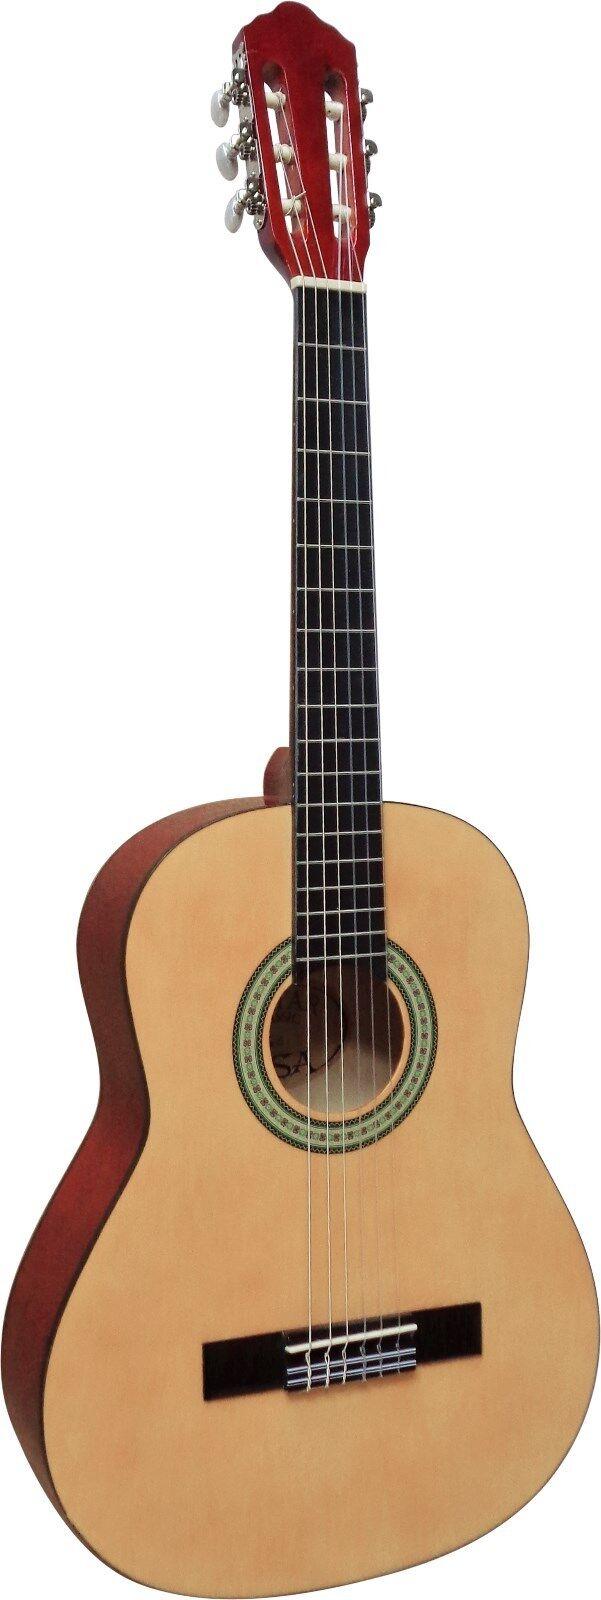 Konzertgitarre - Gitarre 3/4 natur, MI-classic-jugend-mit Zubehör - Set!n